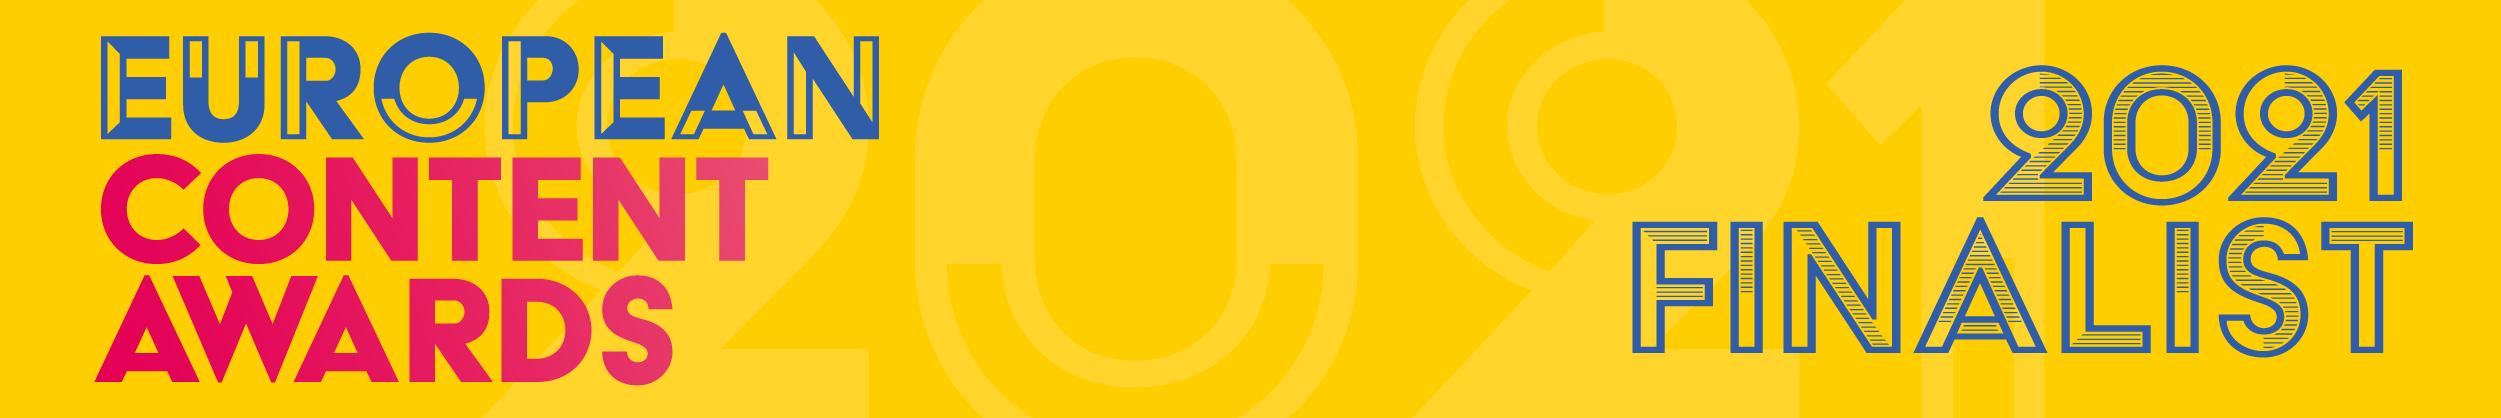 European Content Awards 2021 Finalist Banner